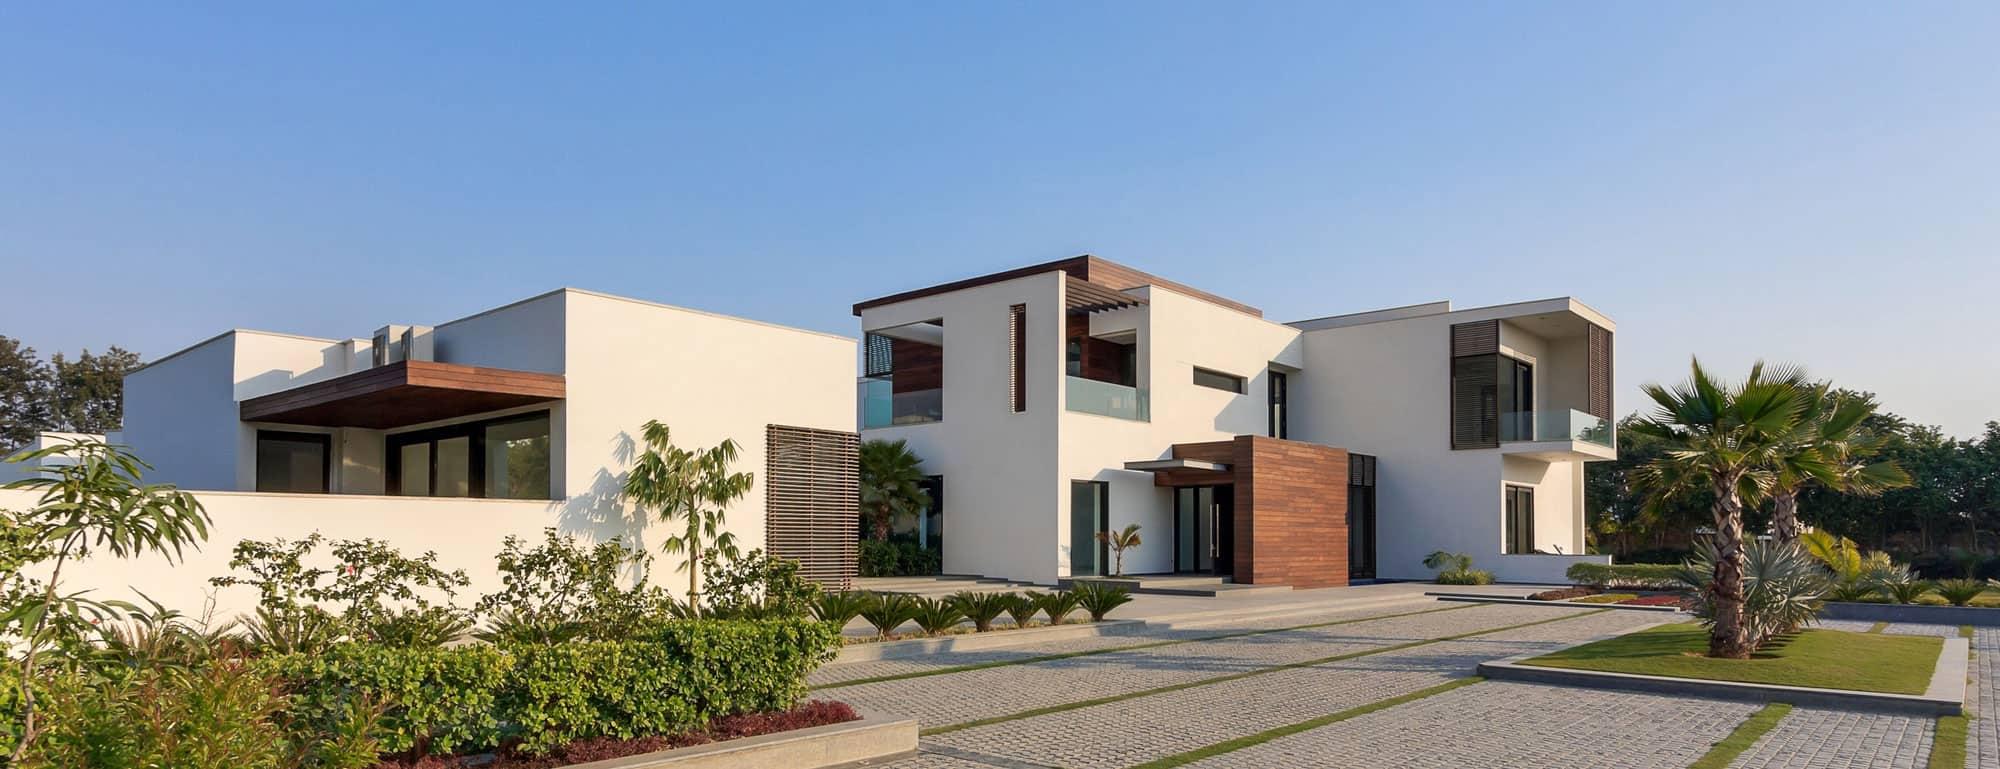 F3 Farmhouse by DADA Partners  (2)